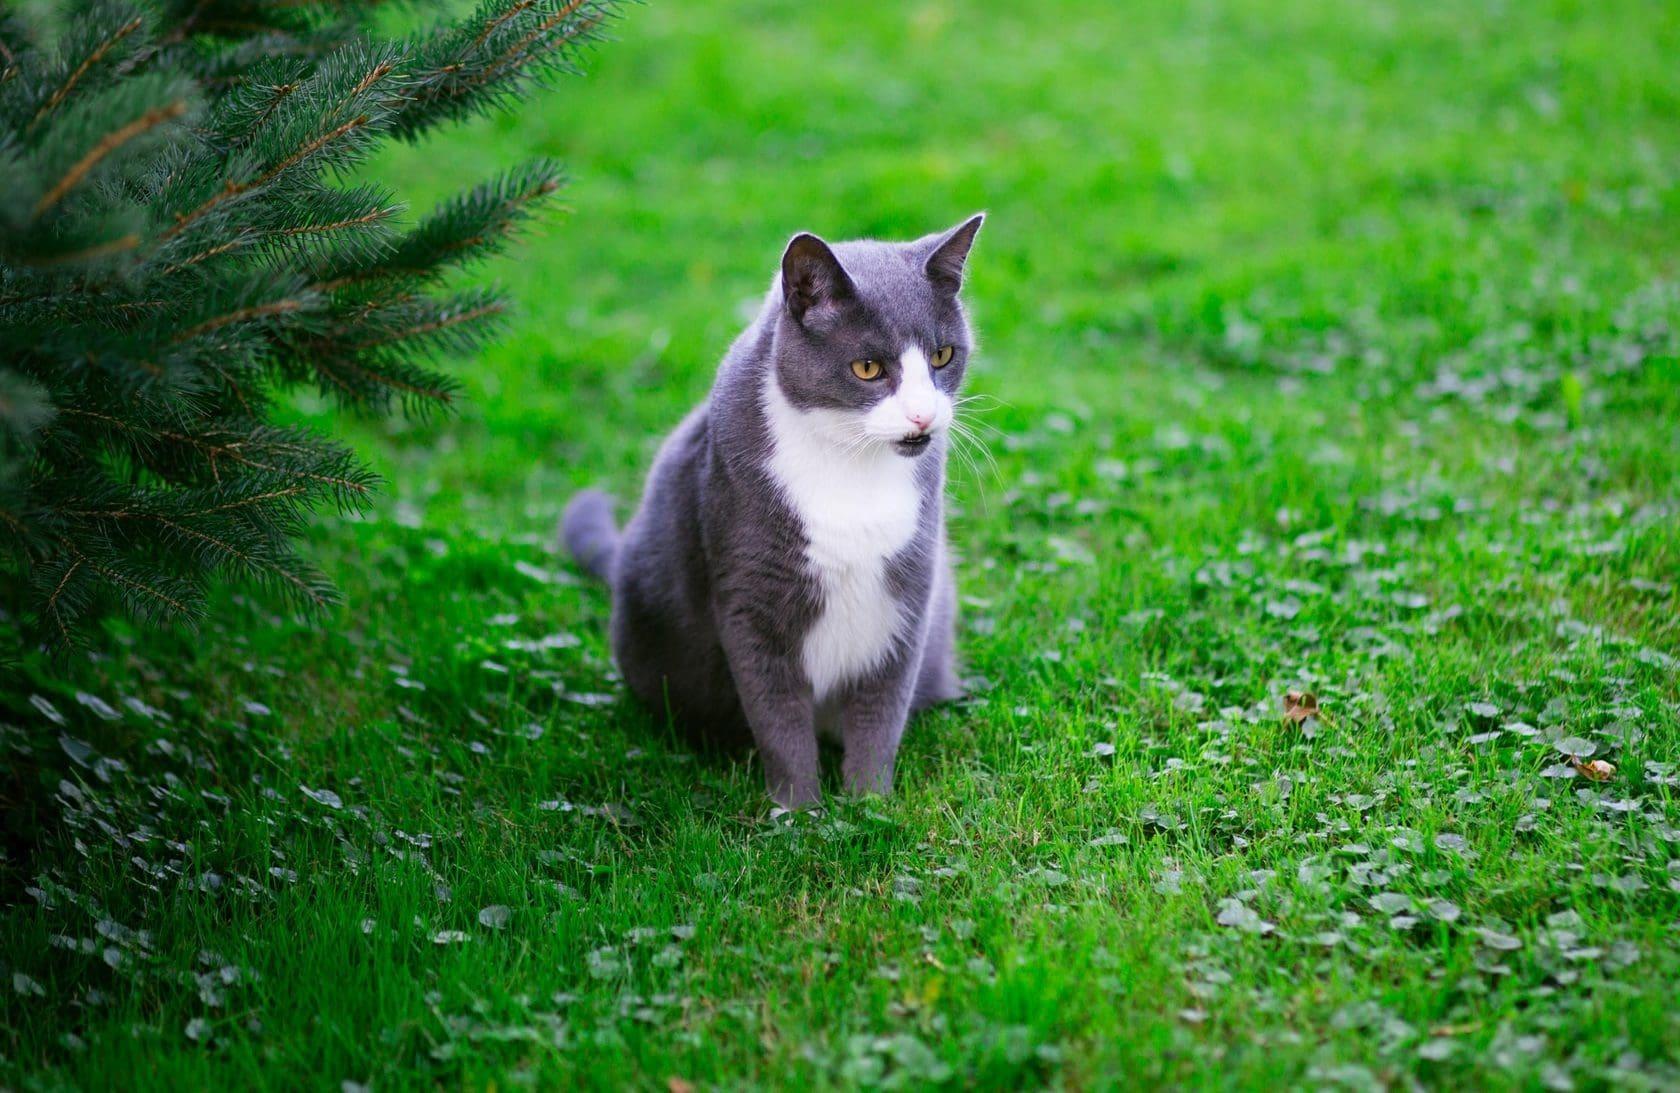 Grijs met witte kat in de tuin, op het gras. Vooraanzicht